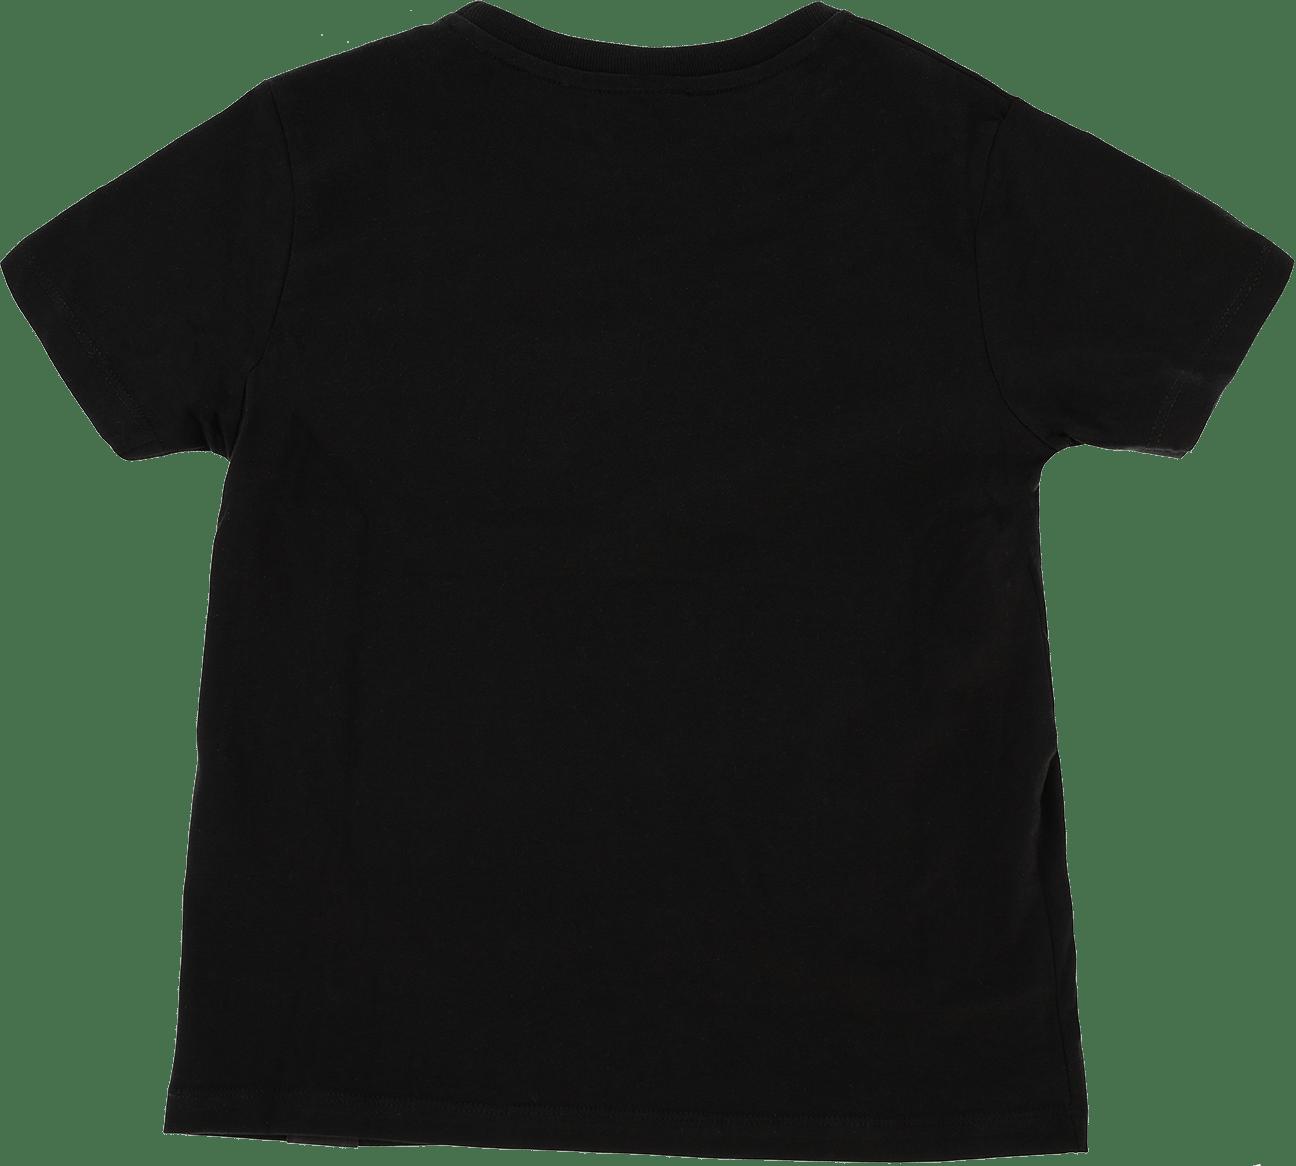 Kinder-Shirt Paderborn